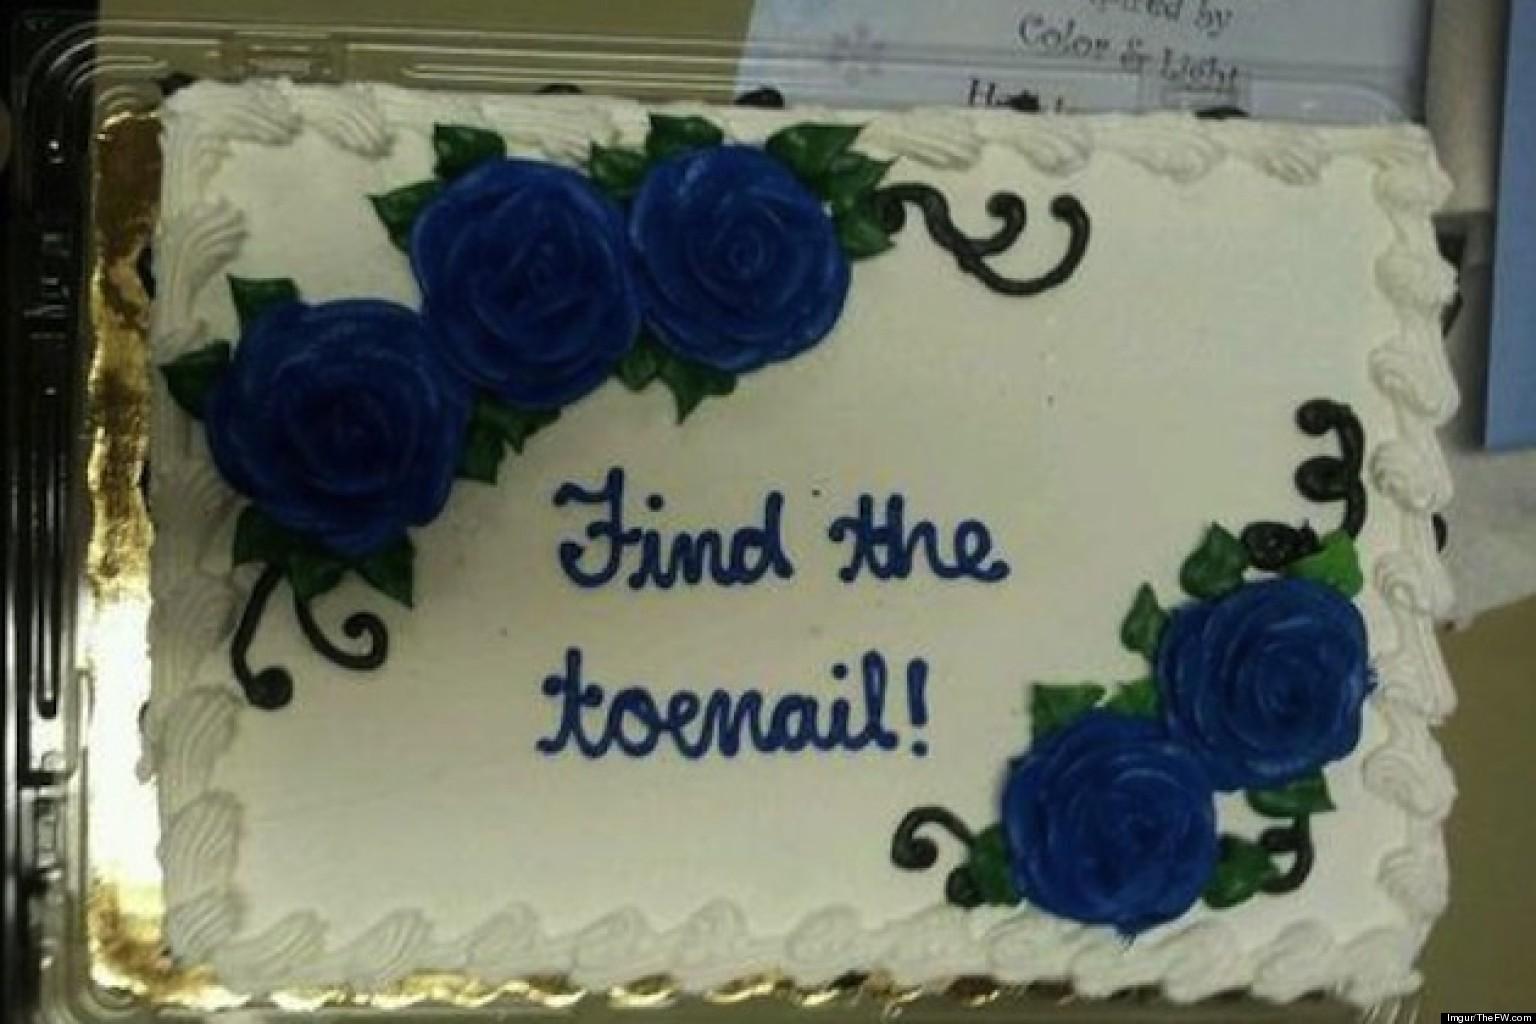 Toenail Funny Birthday Cake